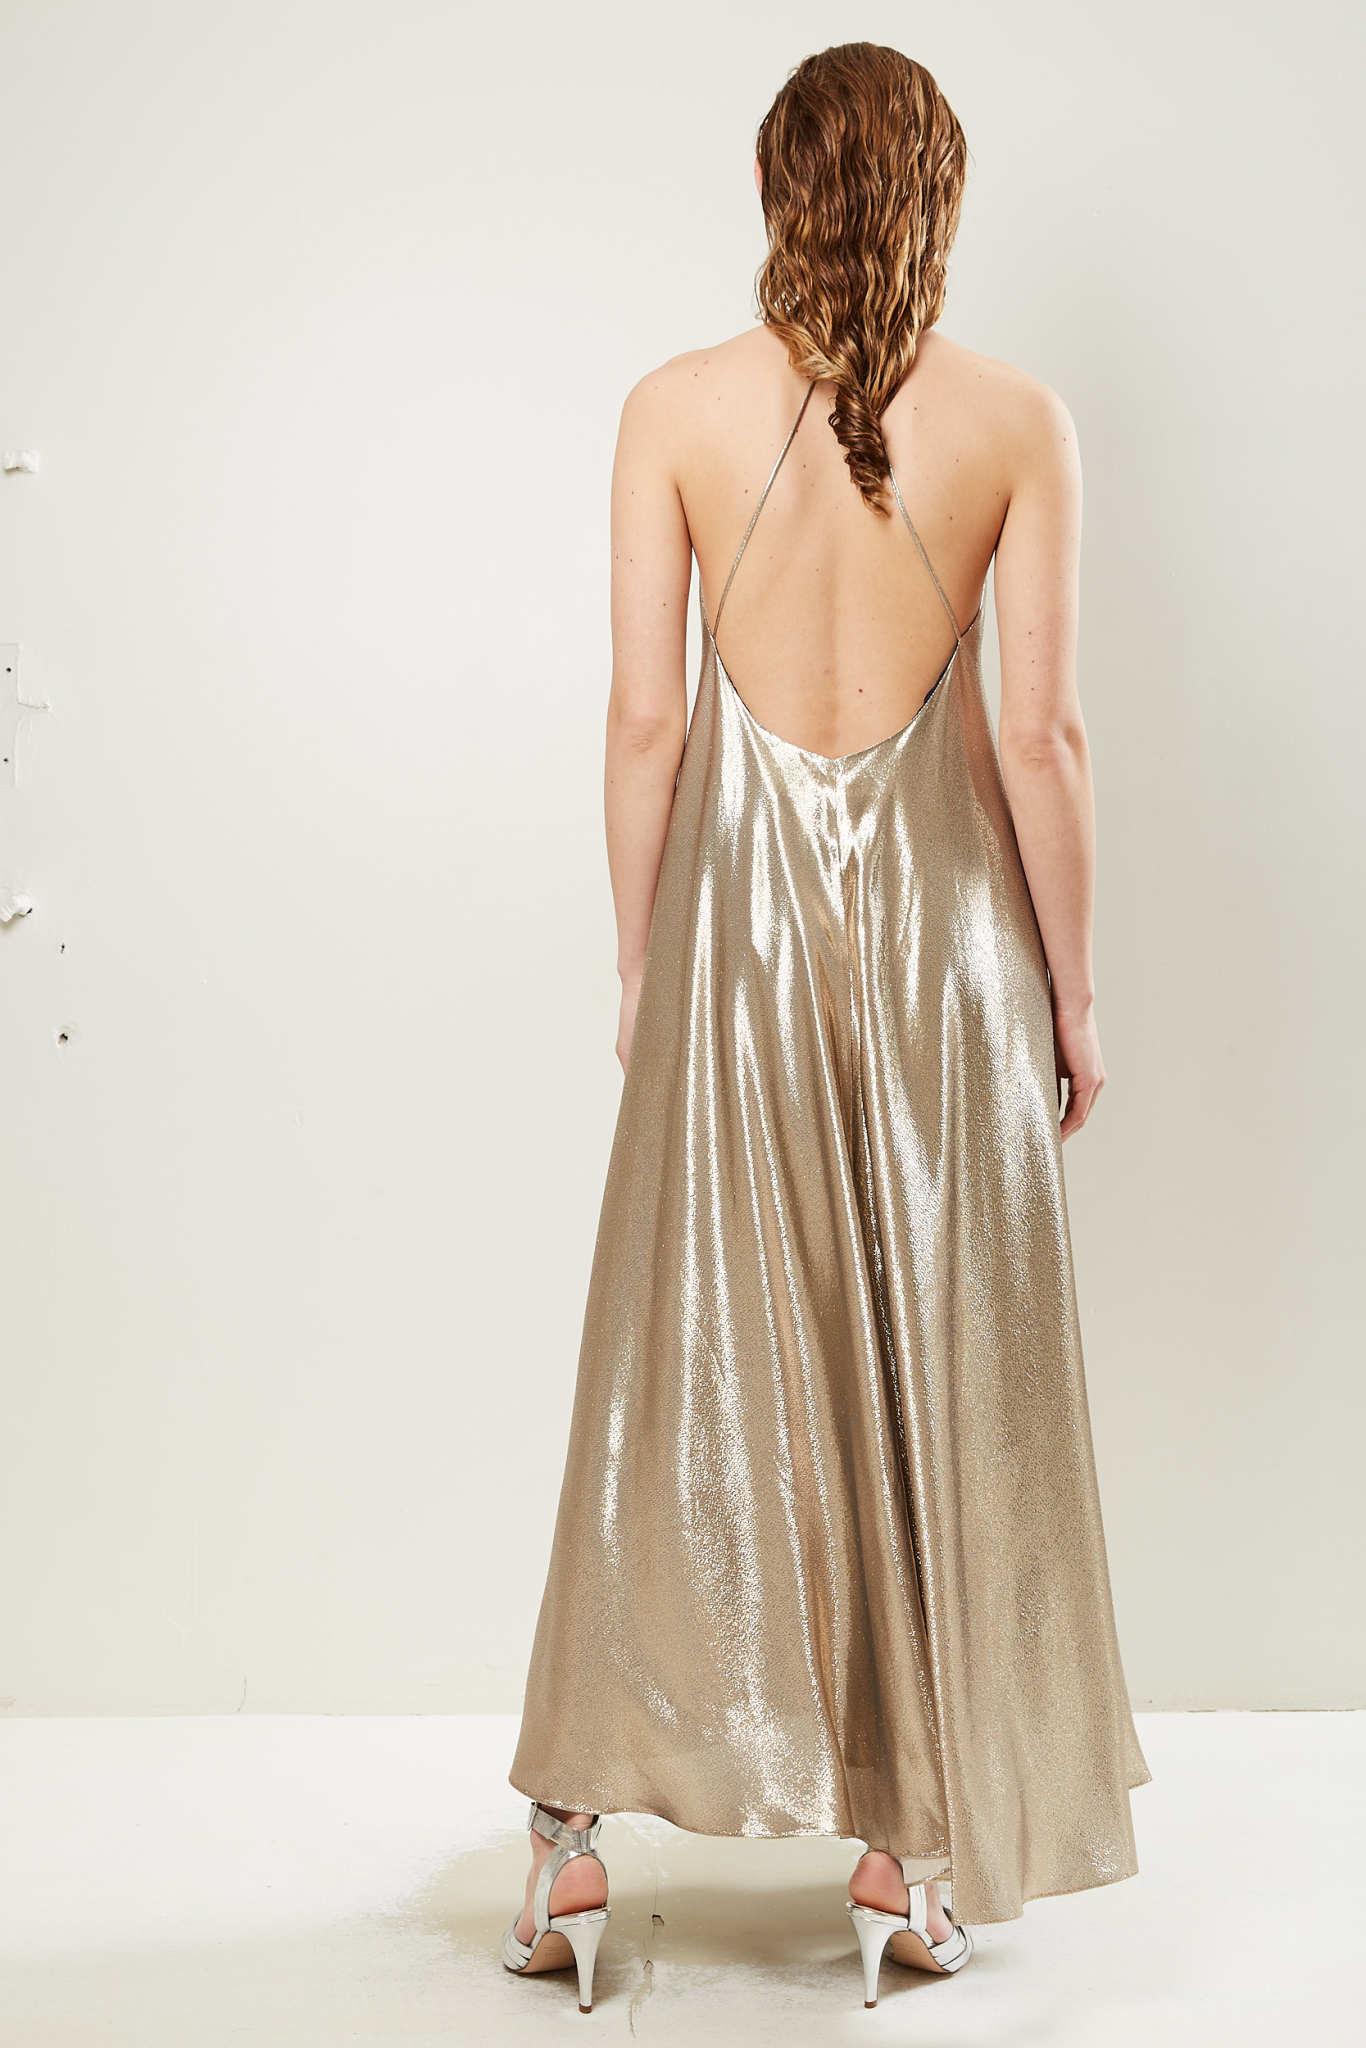 inDRESS Plain lurex dress